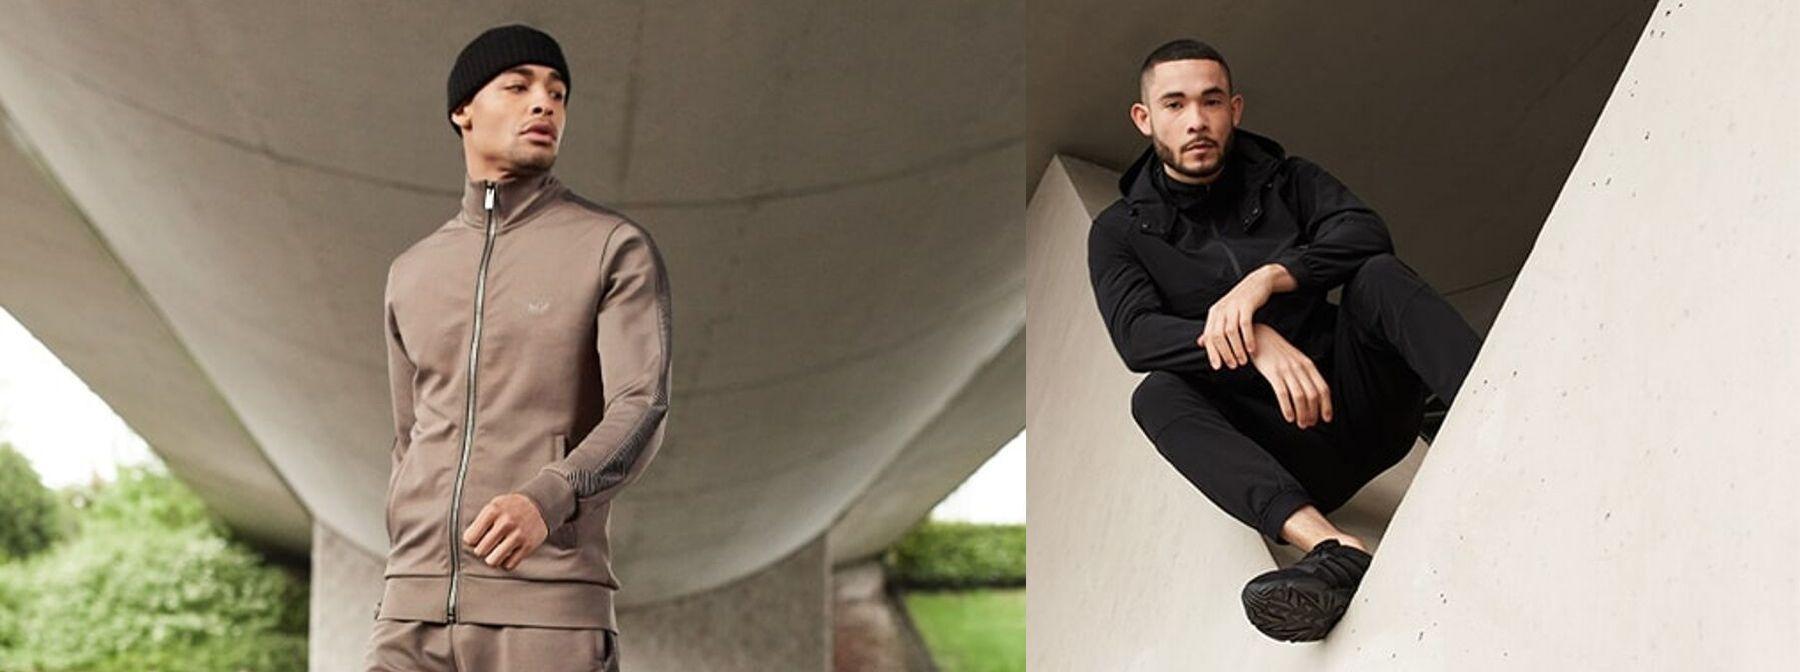 6 freshe Outfits für deinen Ruhetag | Herrenbekleidung in Bewegung